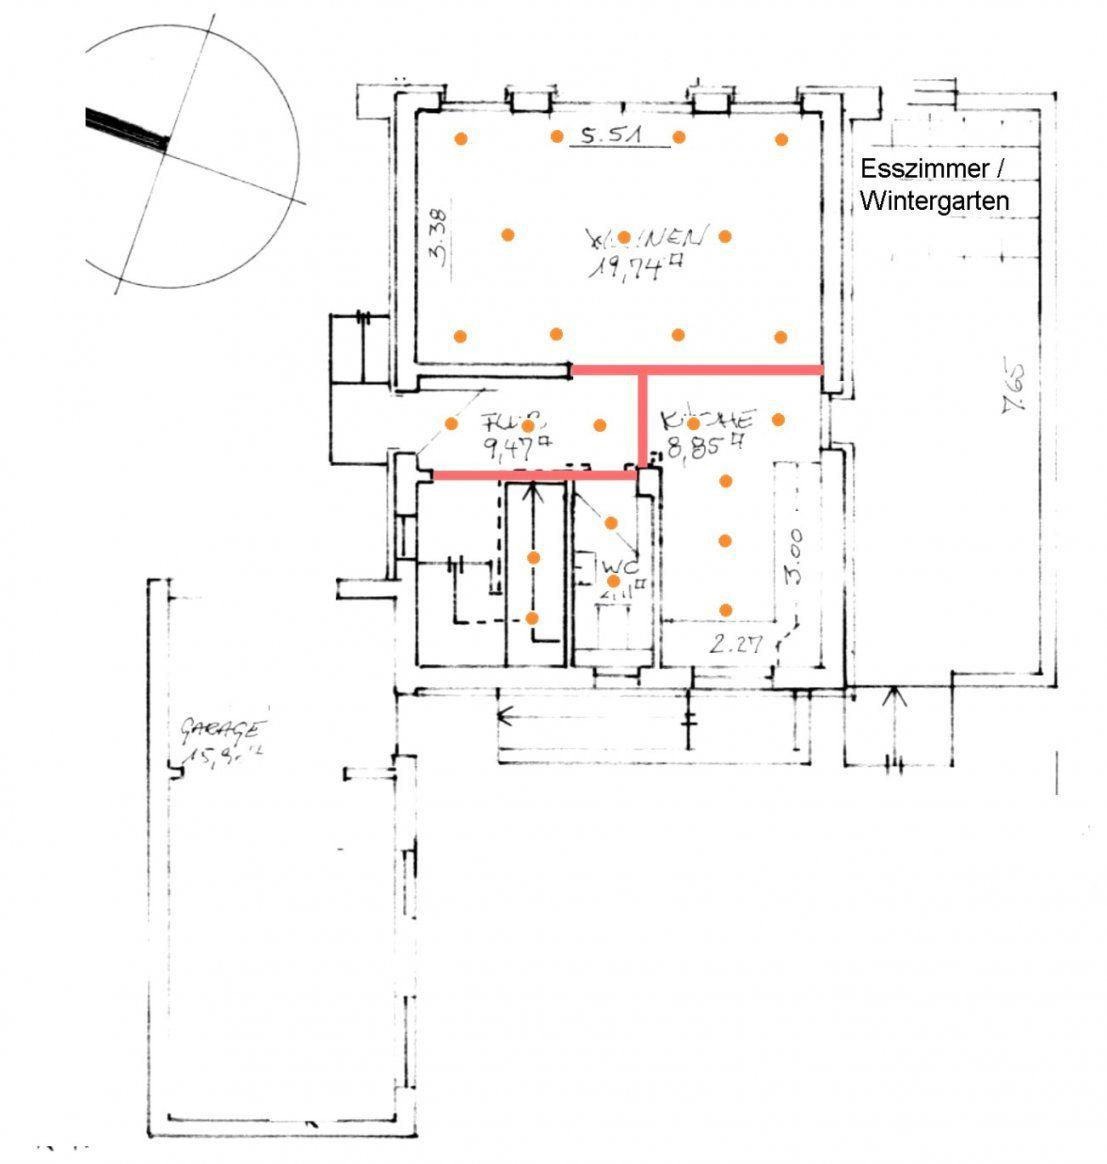 Interessant 37 Einbaustrahler Decke Anordnung Ideen Zum Led Spots von Anordnung Led Spots Wohnzimmer Photo